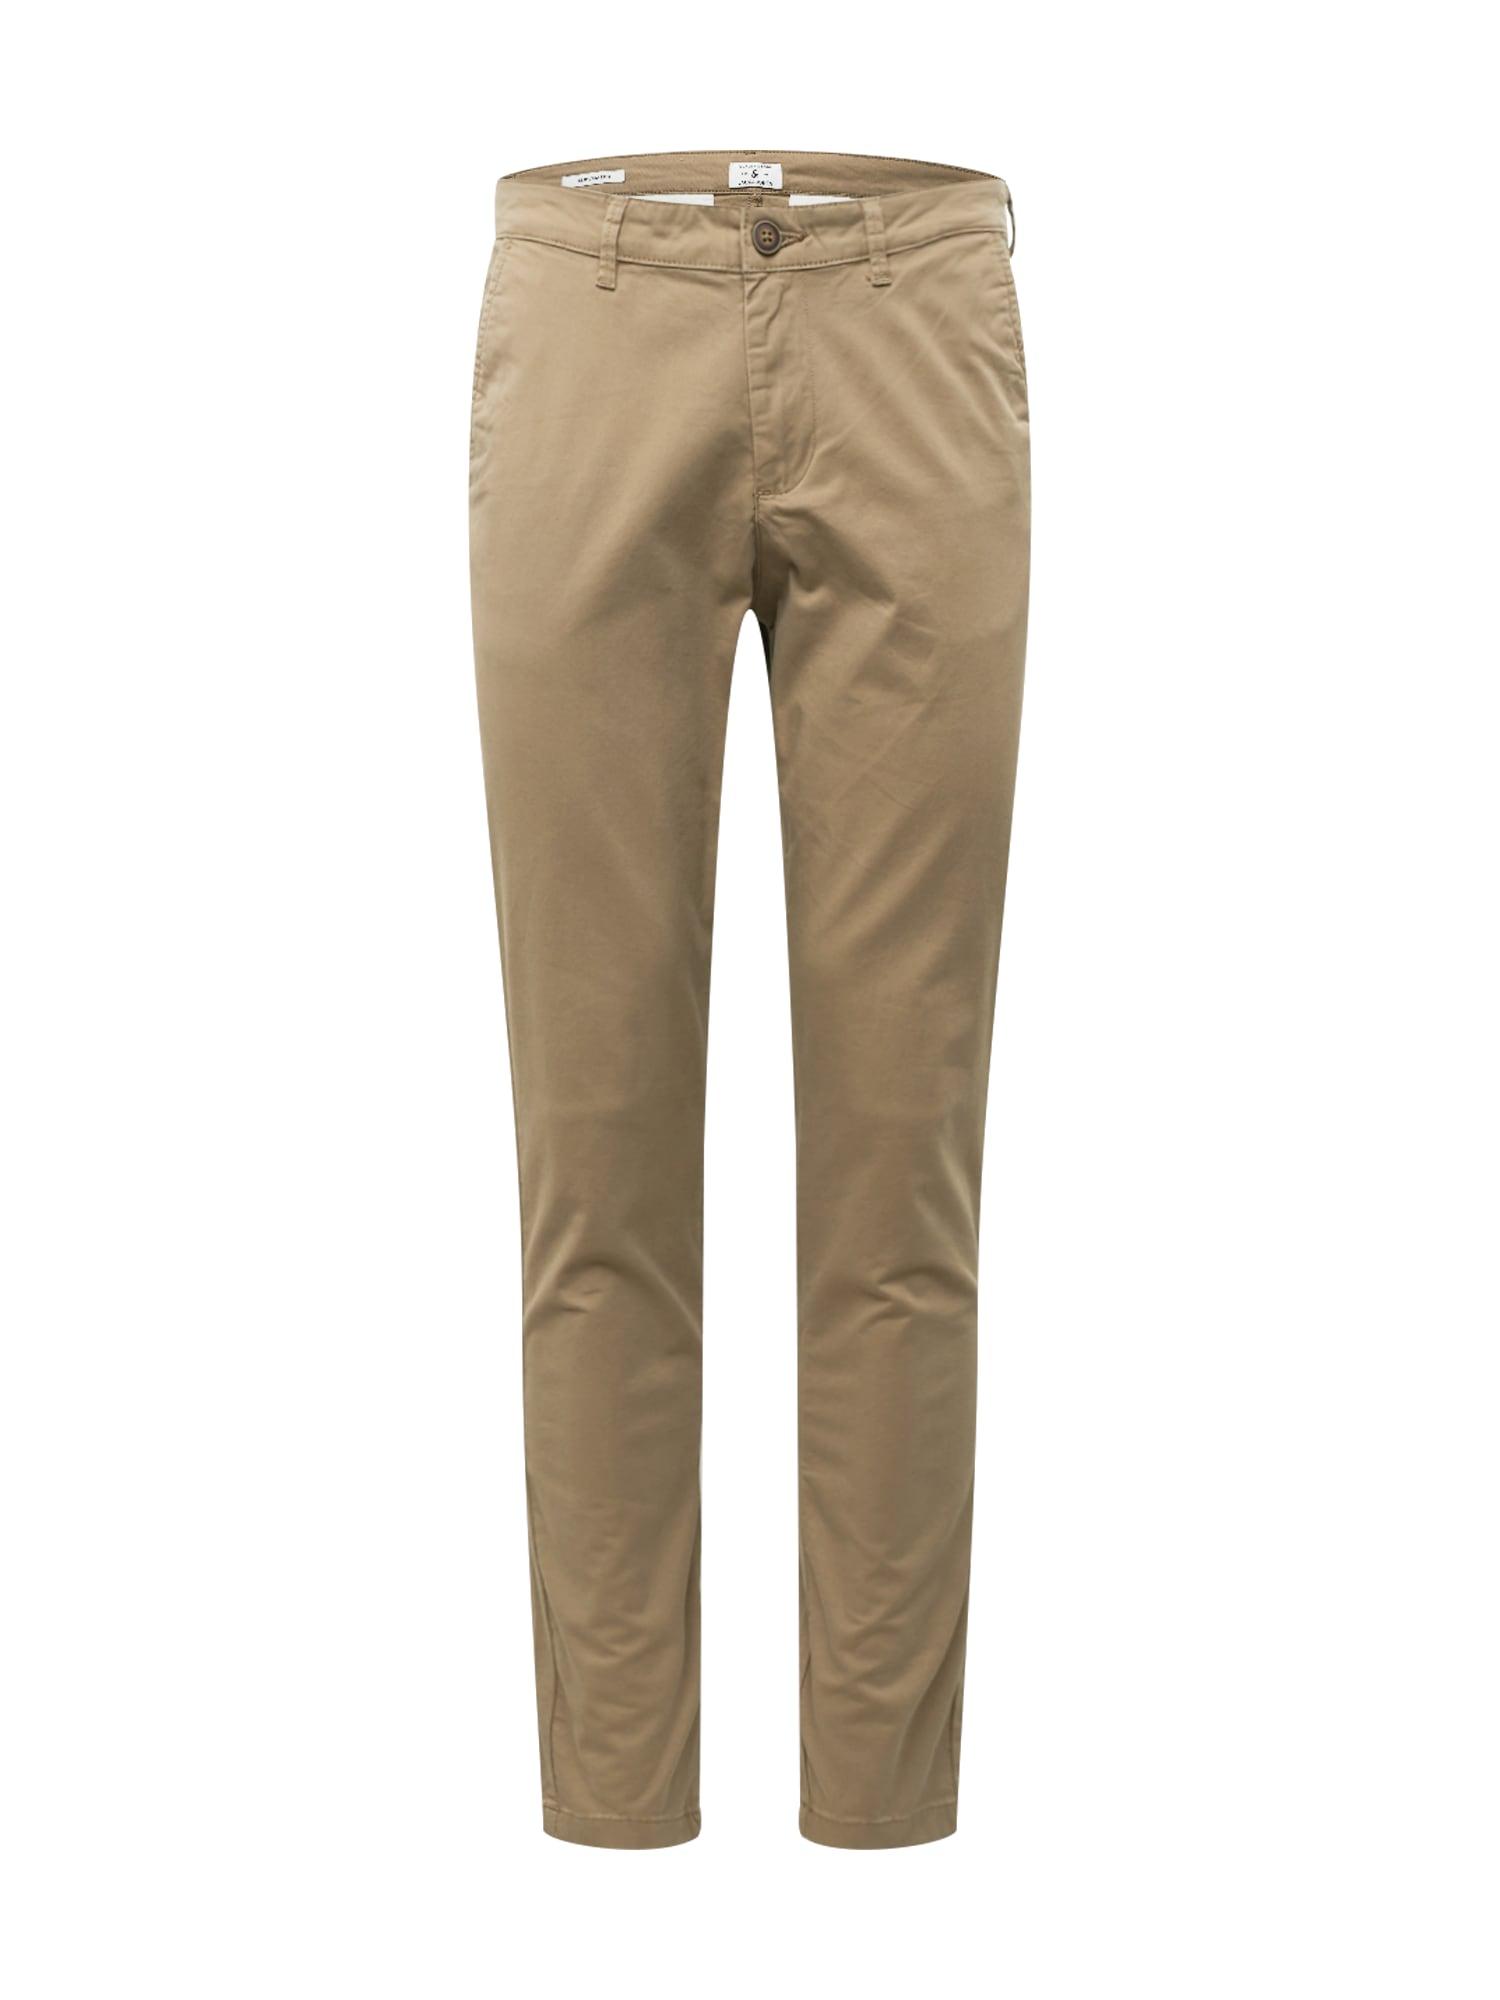 JACK & JONES Chino kalhoty 'Marco Dave'  světle béžová